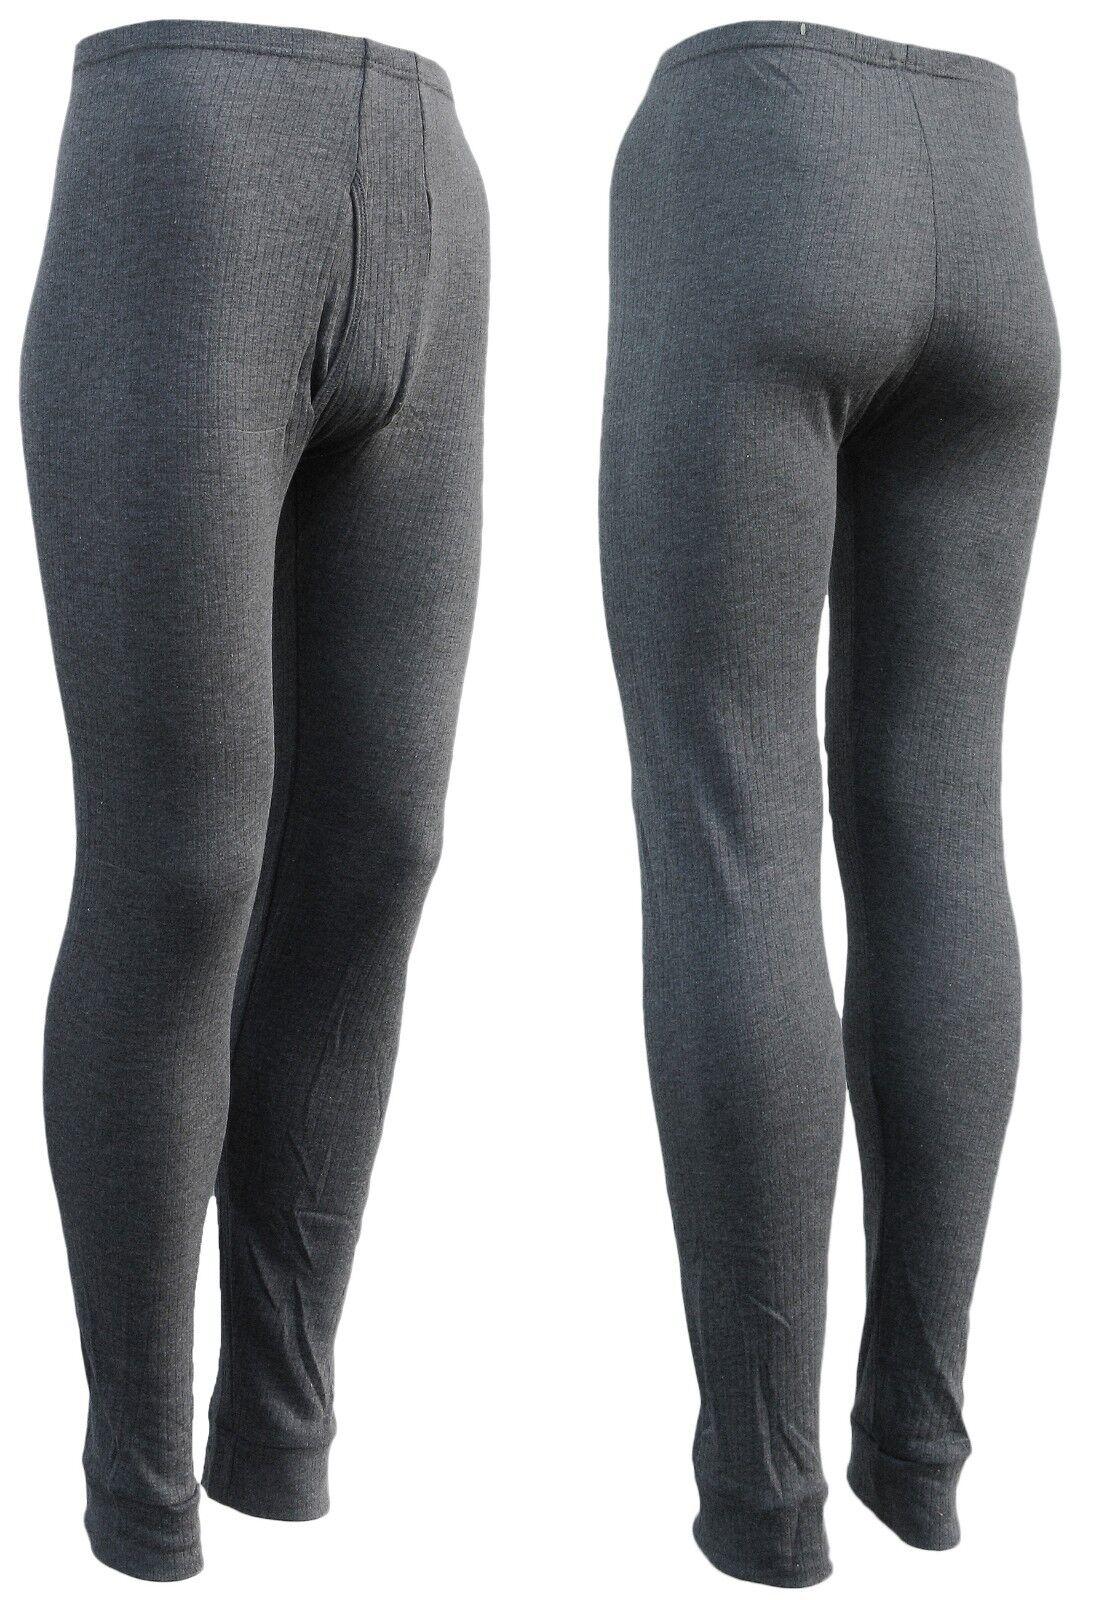 lange Arbeits-Unterhosen Herren - lange Thermounterhosen für Männer 2er Set  5-9